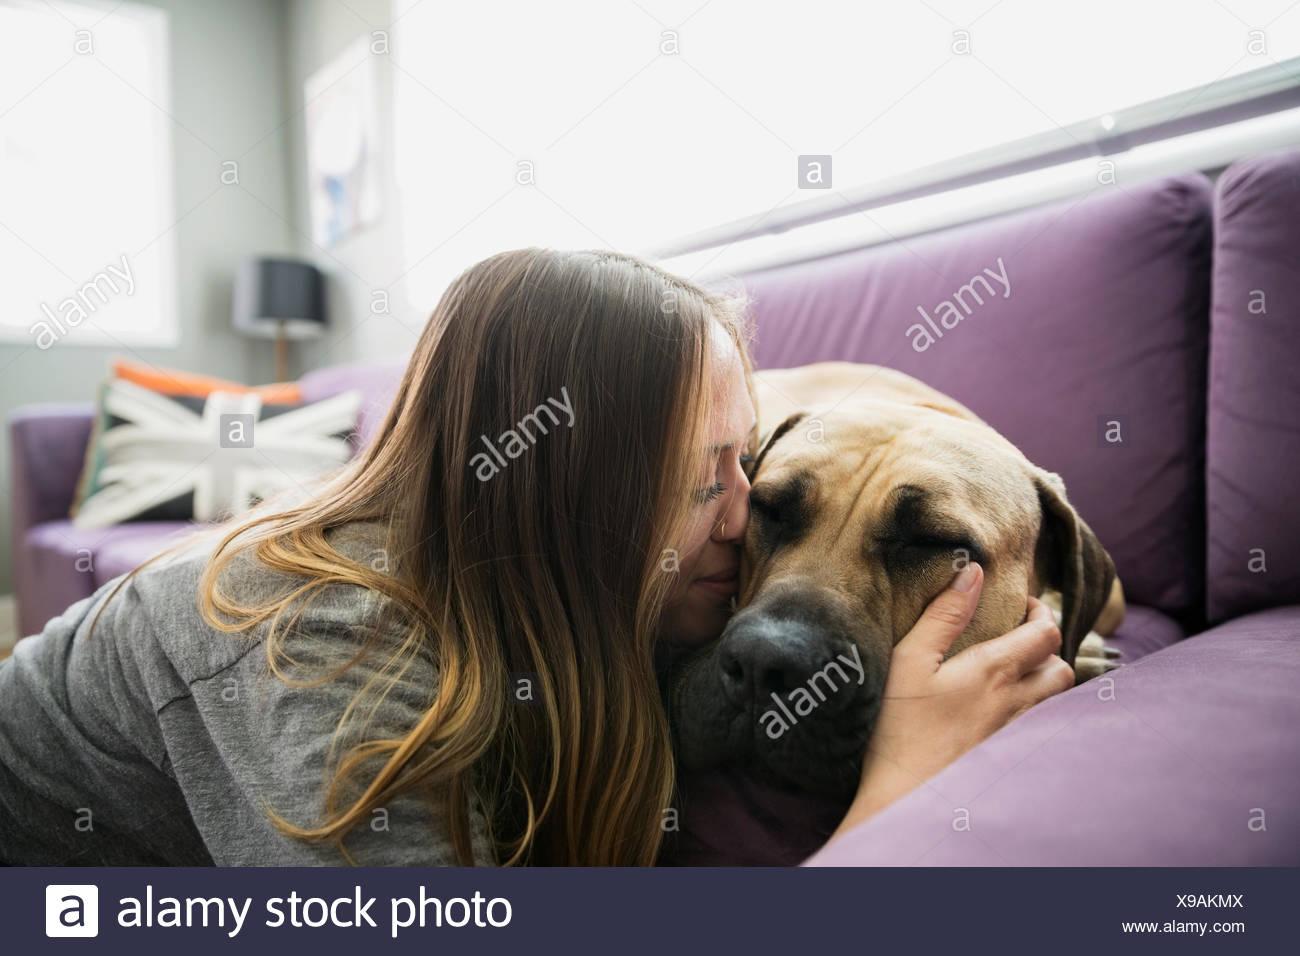 Besos mujer perro en la sala un sofá Imagen De Stock